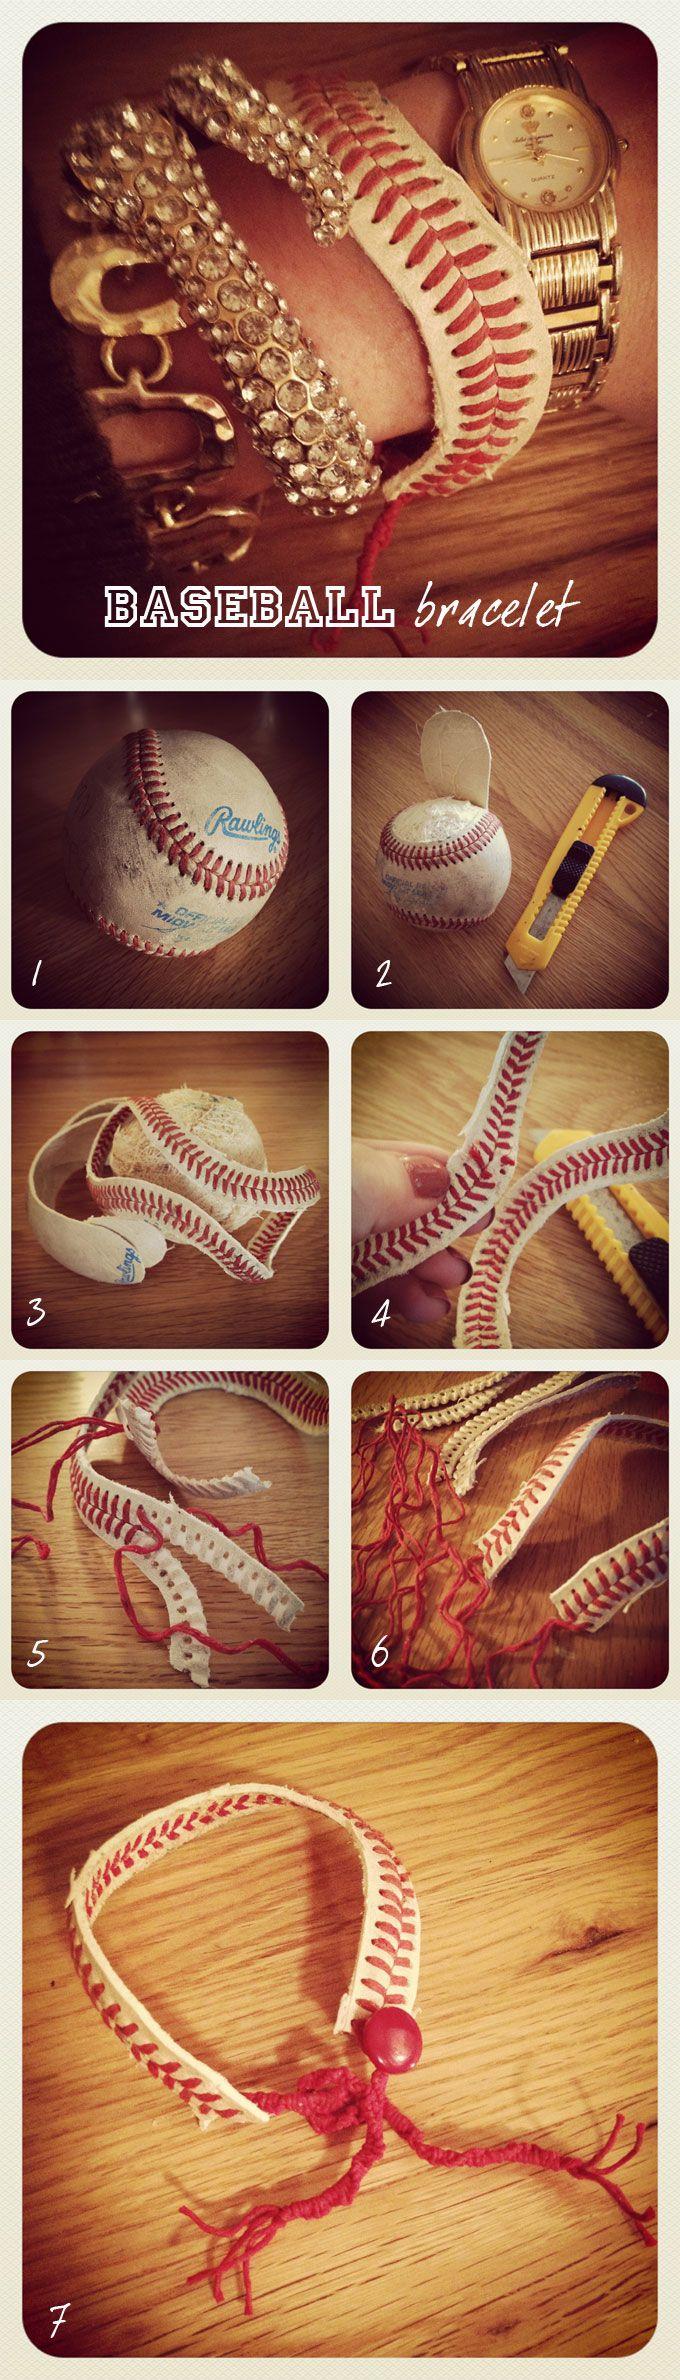 Baseball Bracelet AH